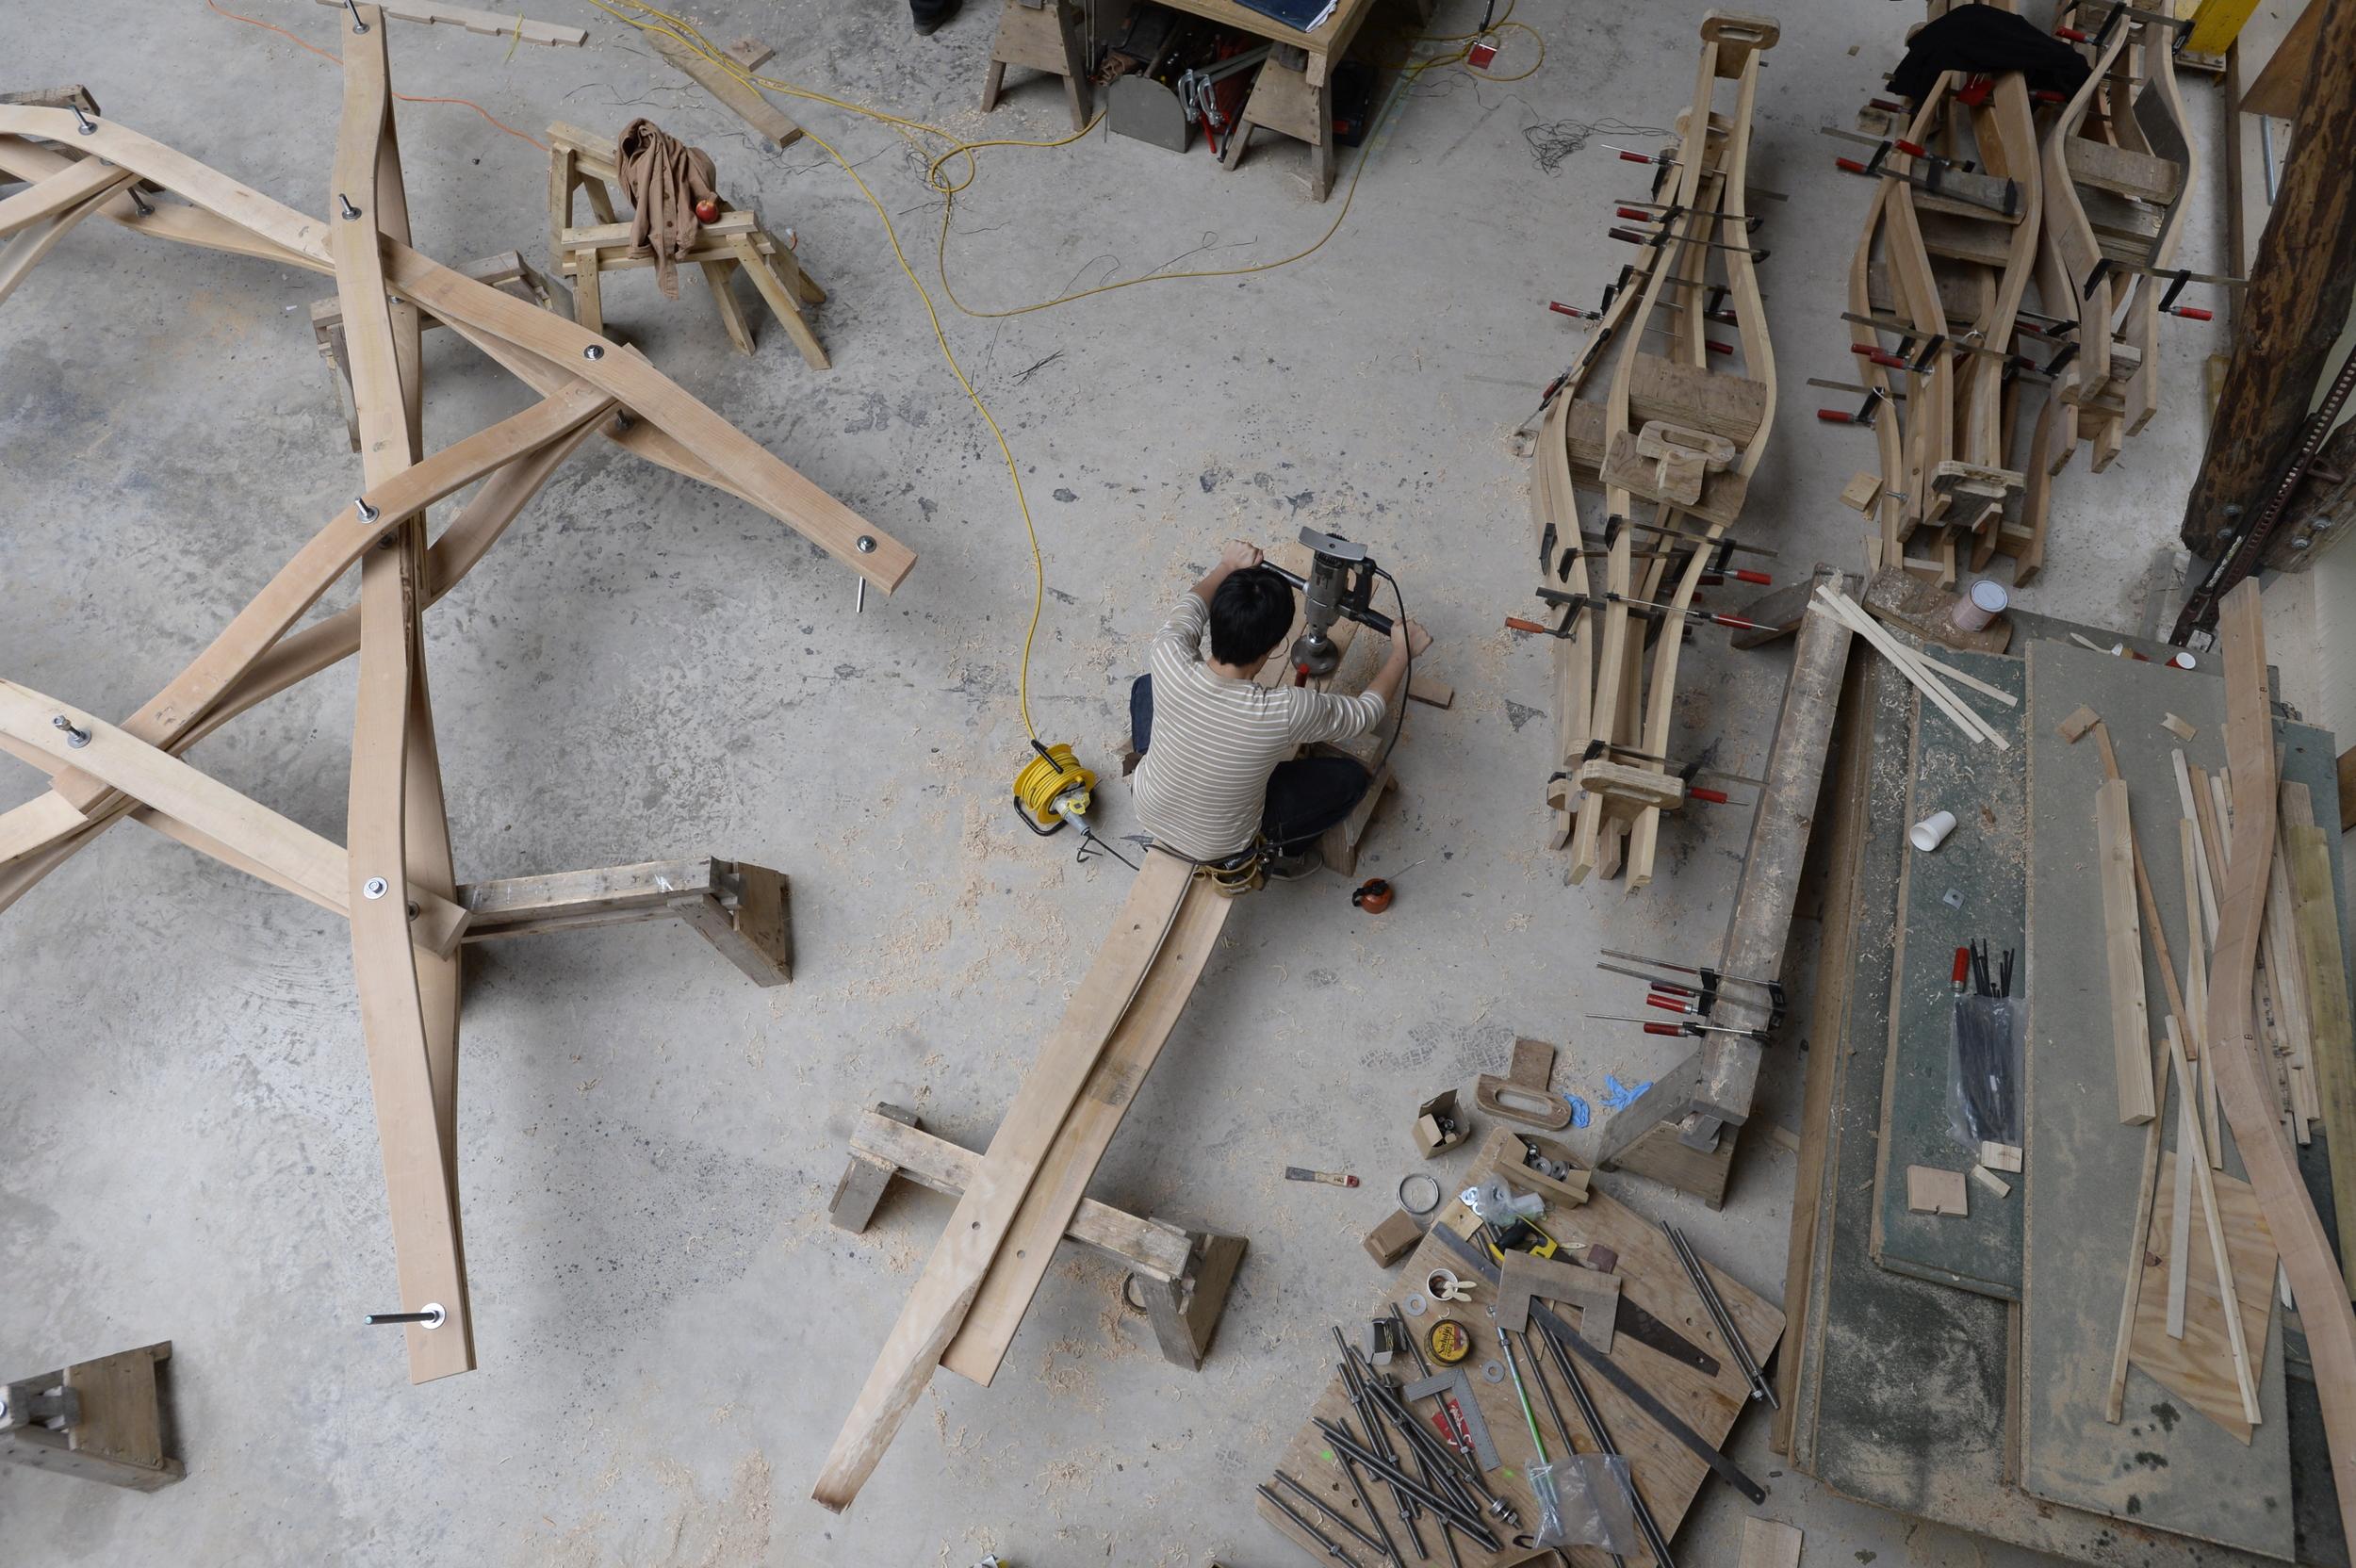 Hooke_Park_Design_&_Make_TSS_in_Big_Shed_VB_2013_09_19_0005.JPG